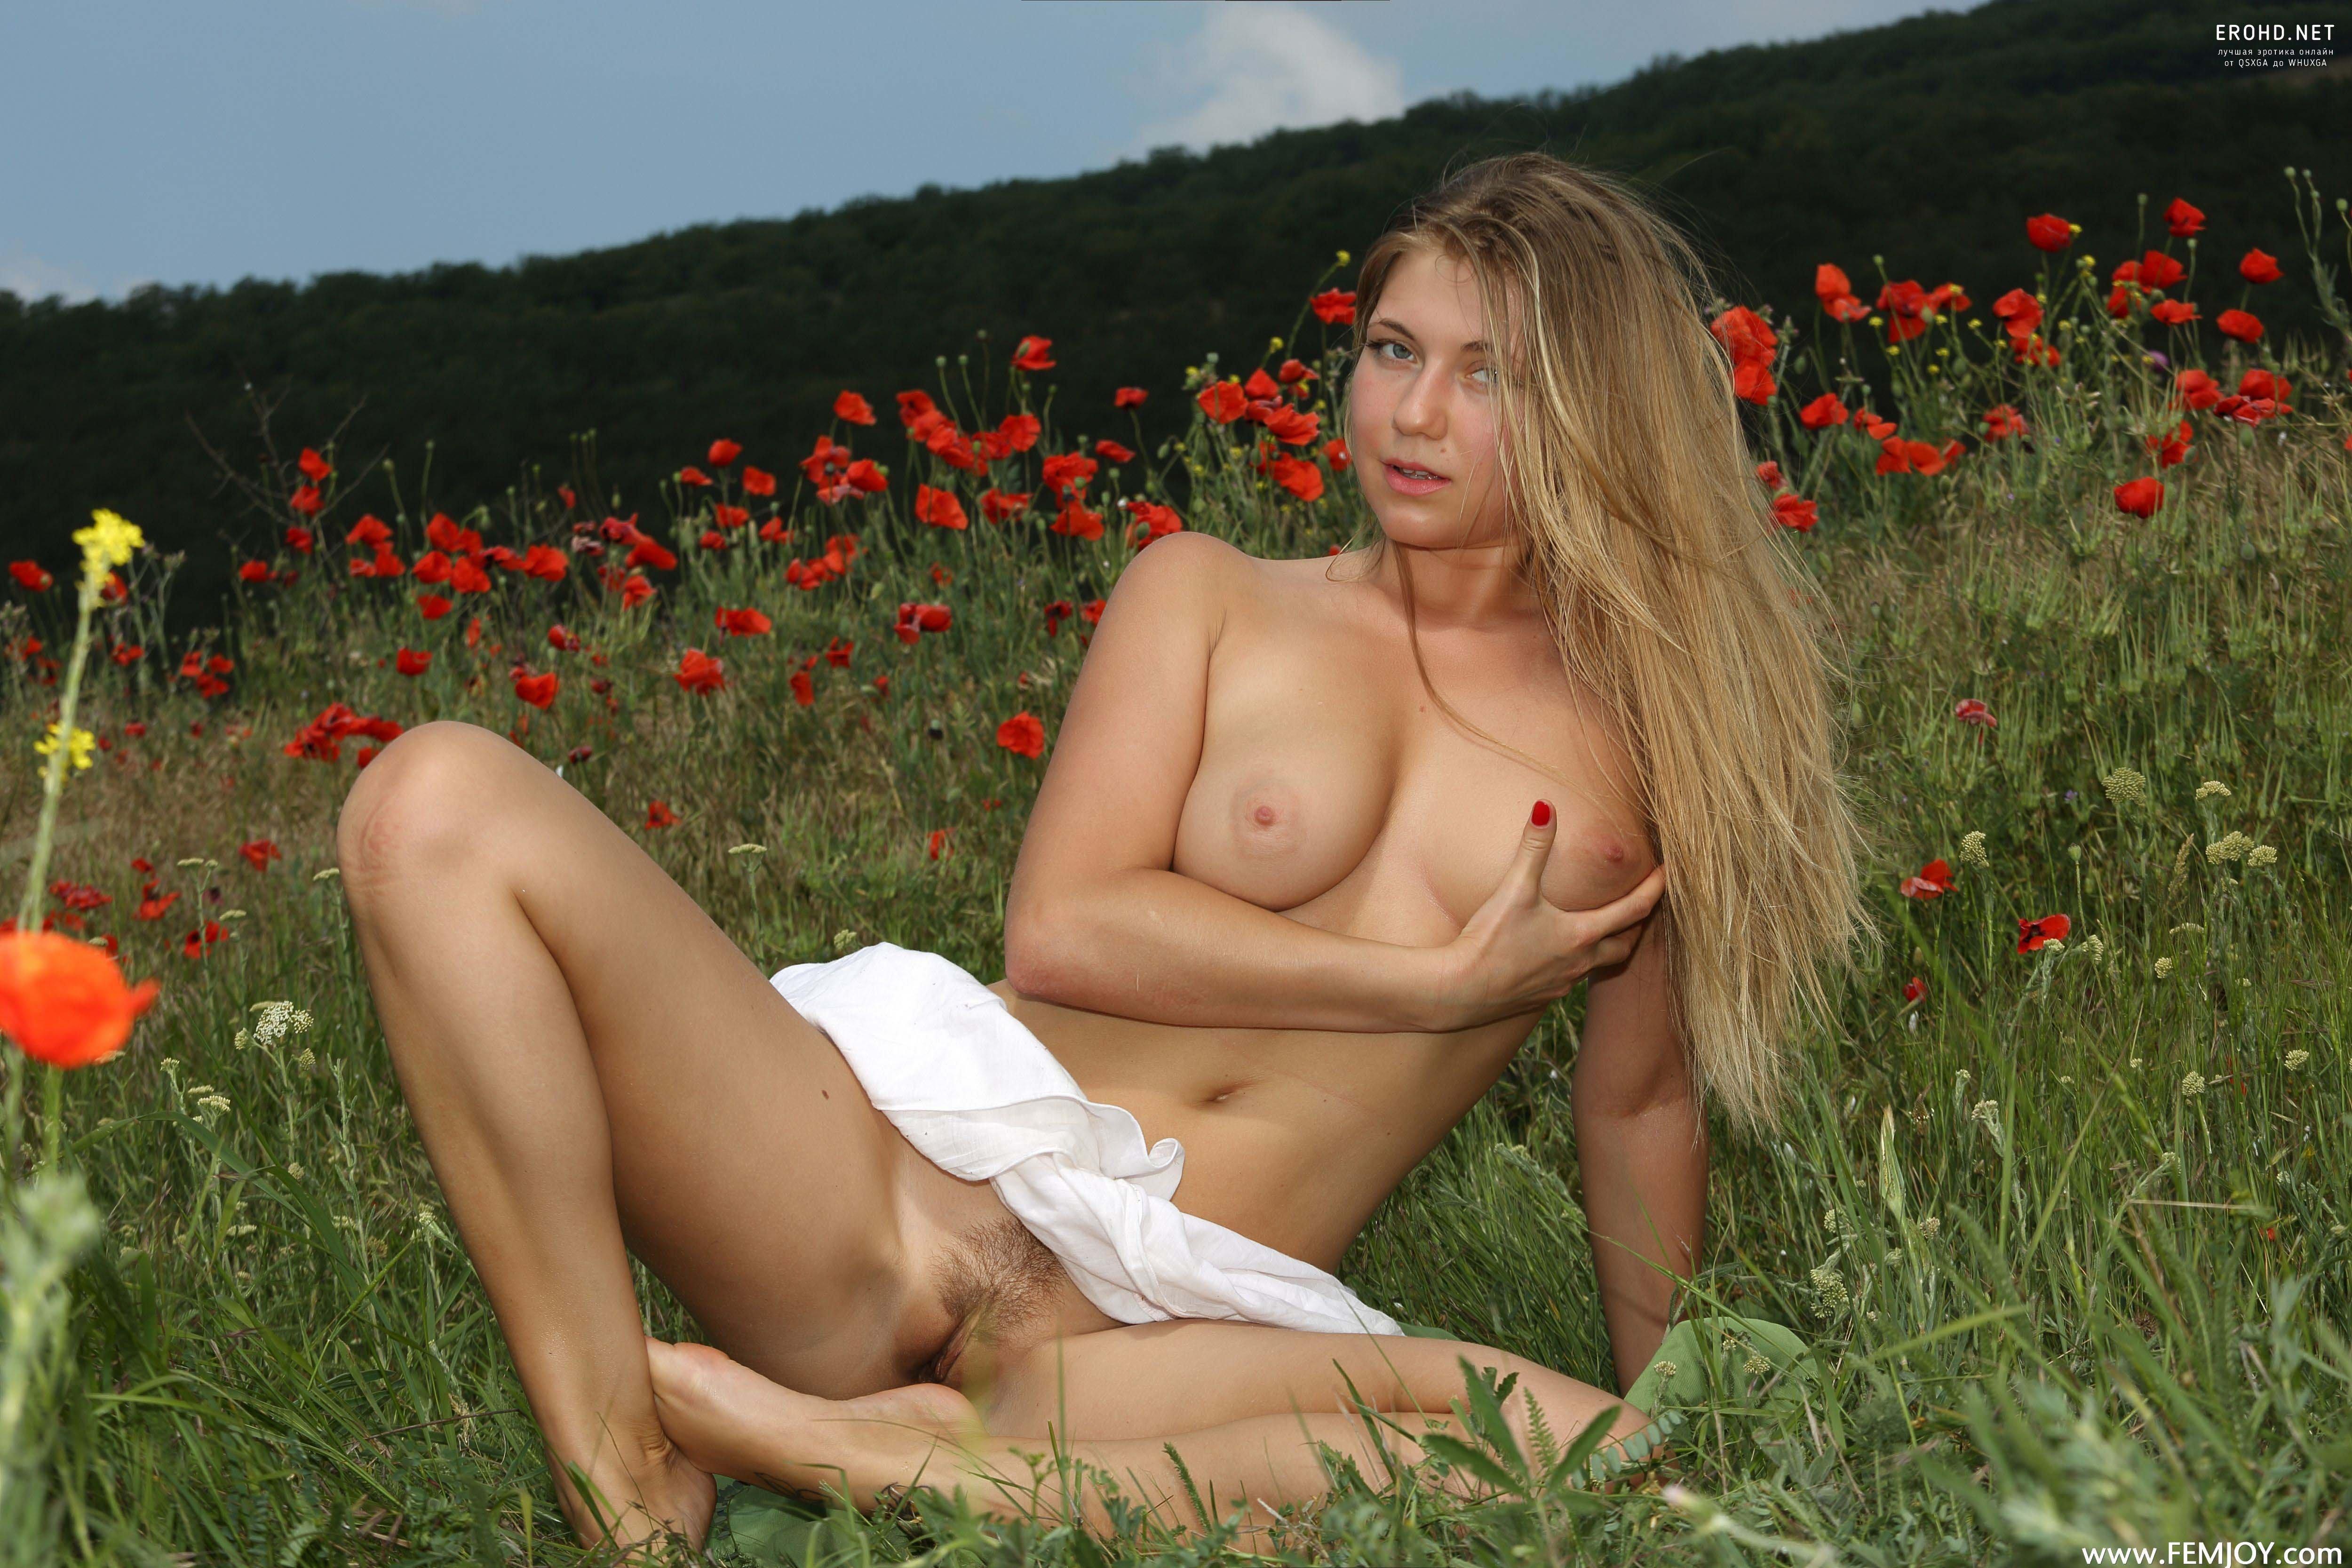 Обнаженные Девушки Позы Фото Украинки Смотреть Бесплатно